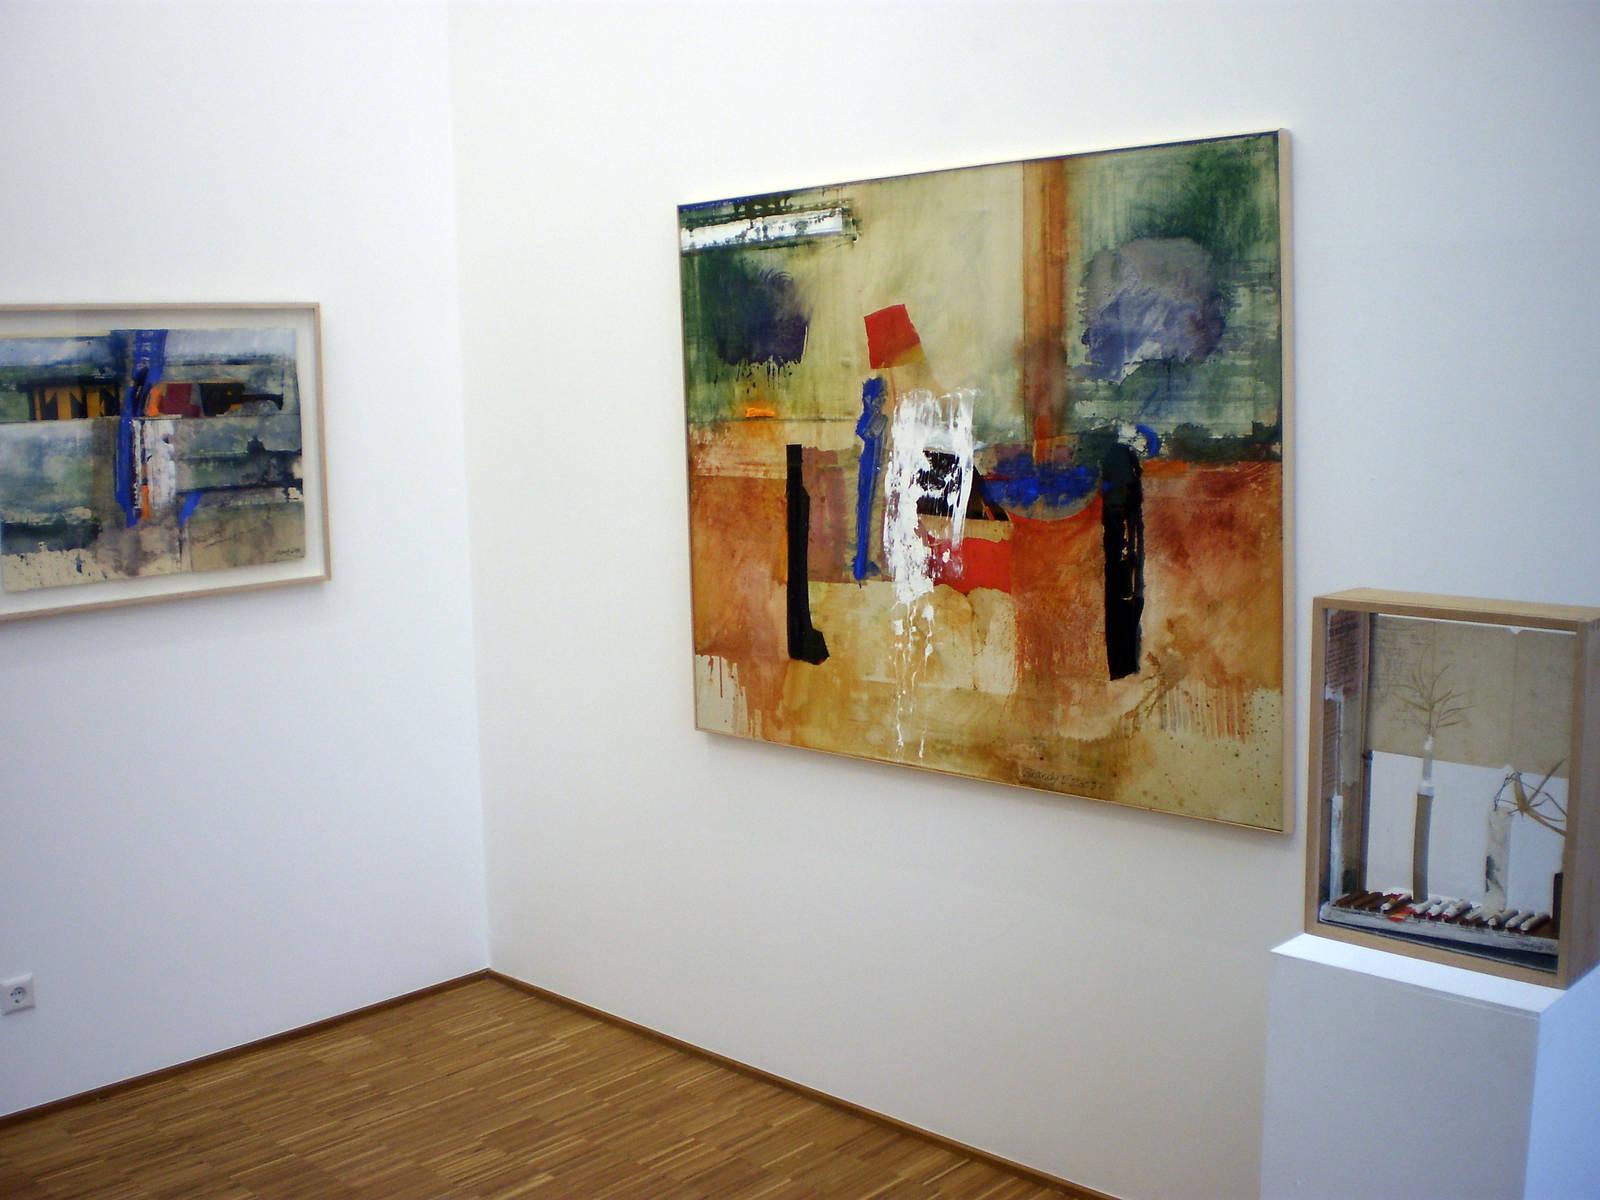 2_Robert Brandy 2009 luxembourg 34